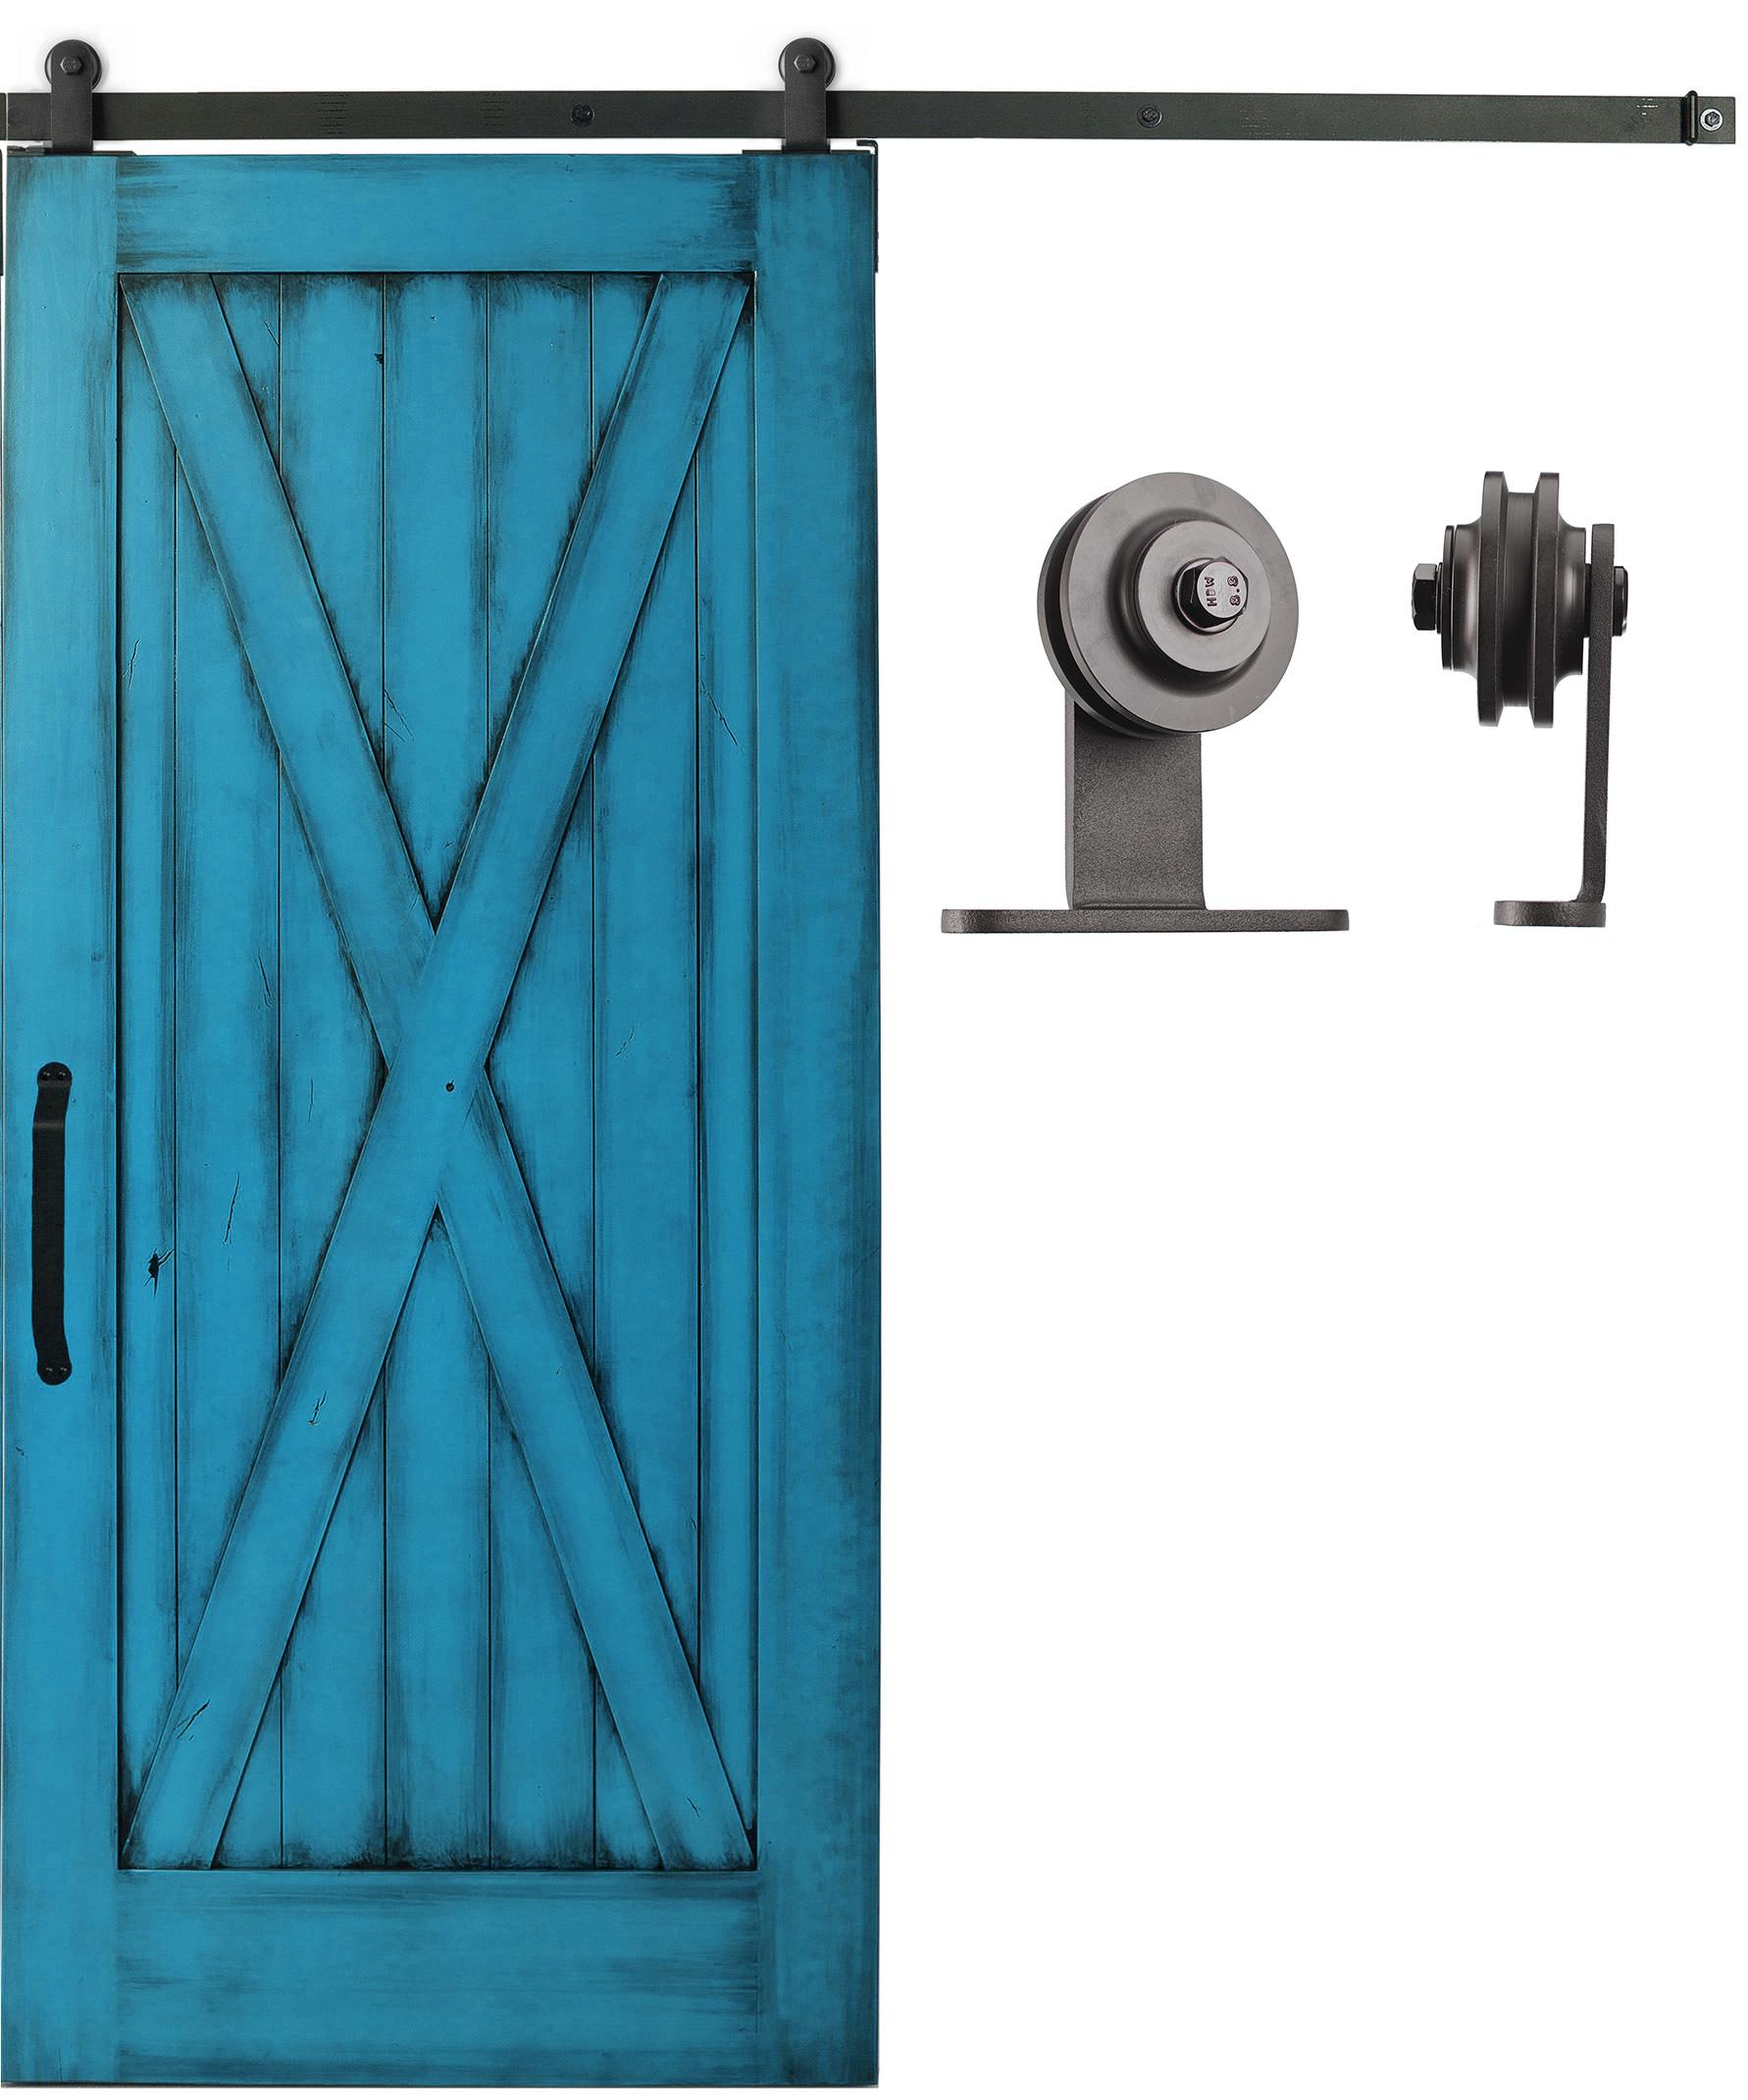 Sliding cabinet barn door hardware kit top mount roller 6 for Barn door rollers